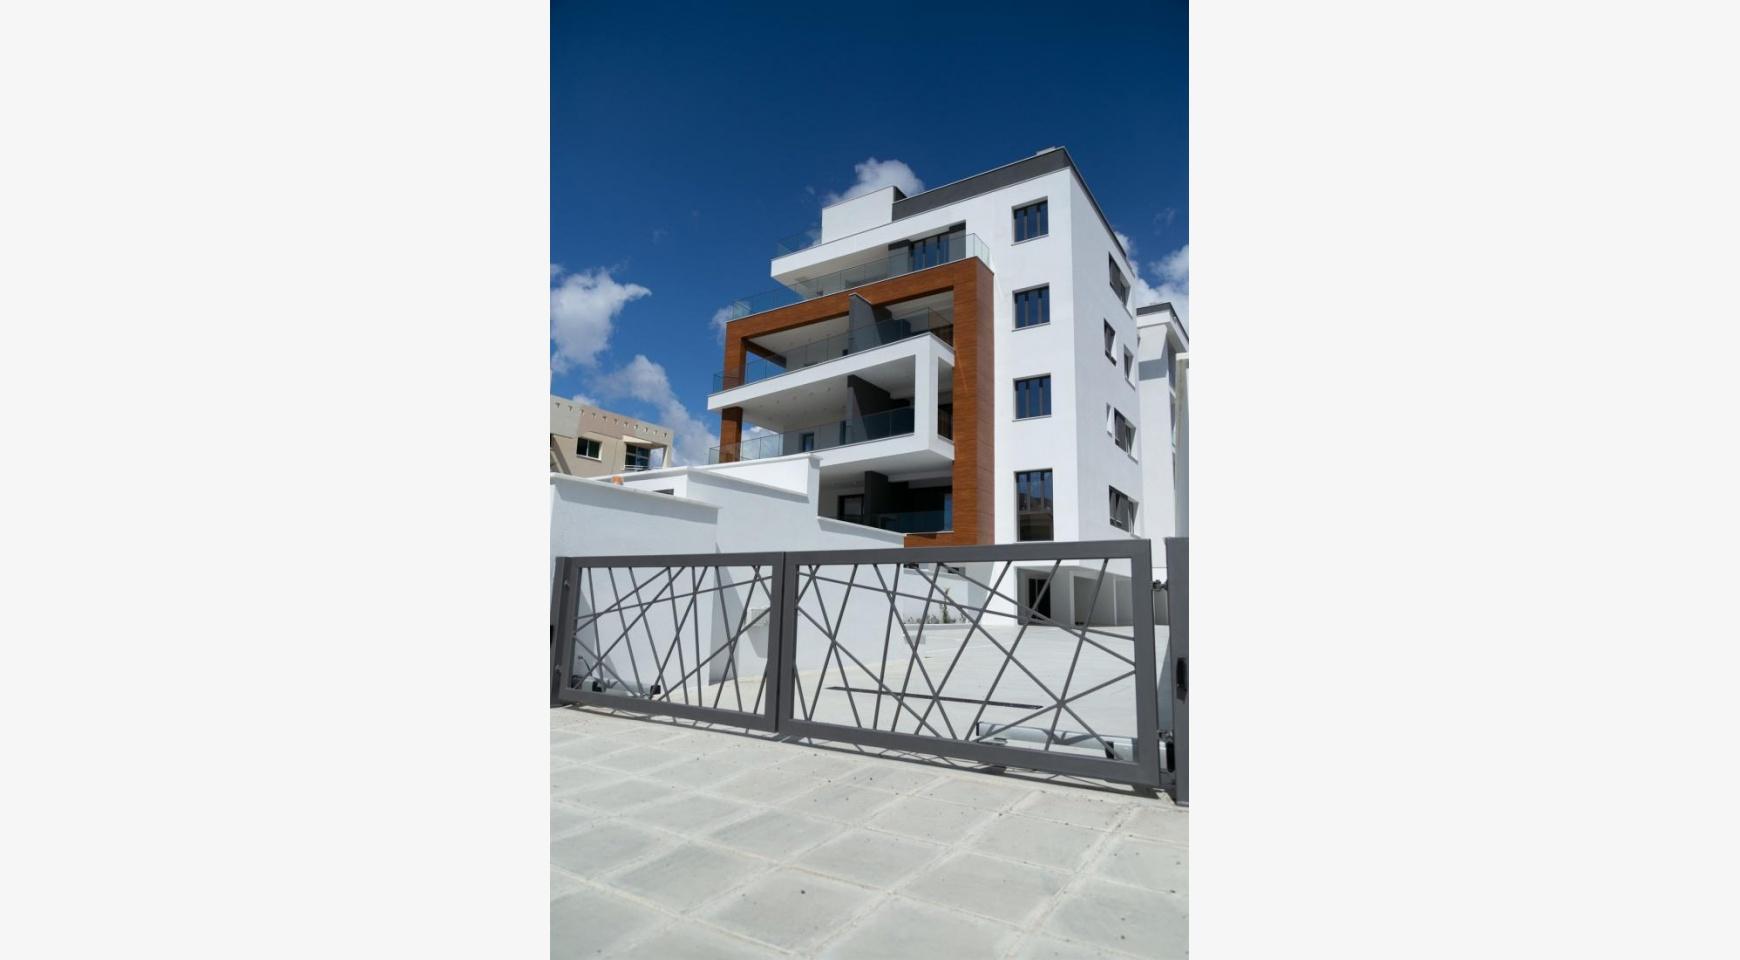 Malibu Residence. Современная  Односпальная Квартира 102 в Туристической Зоне - 7